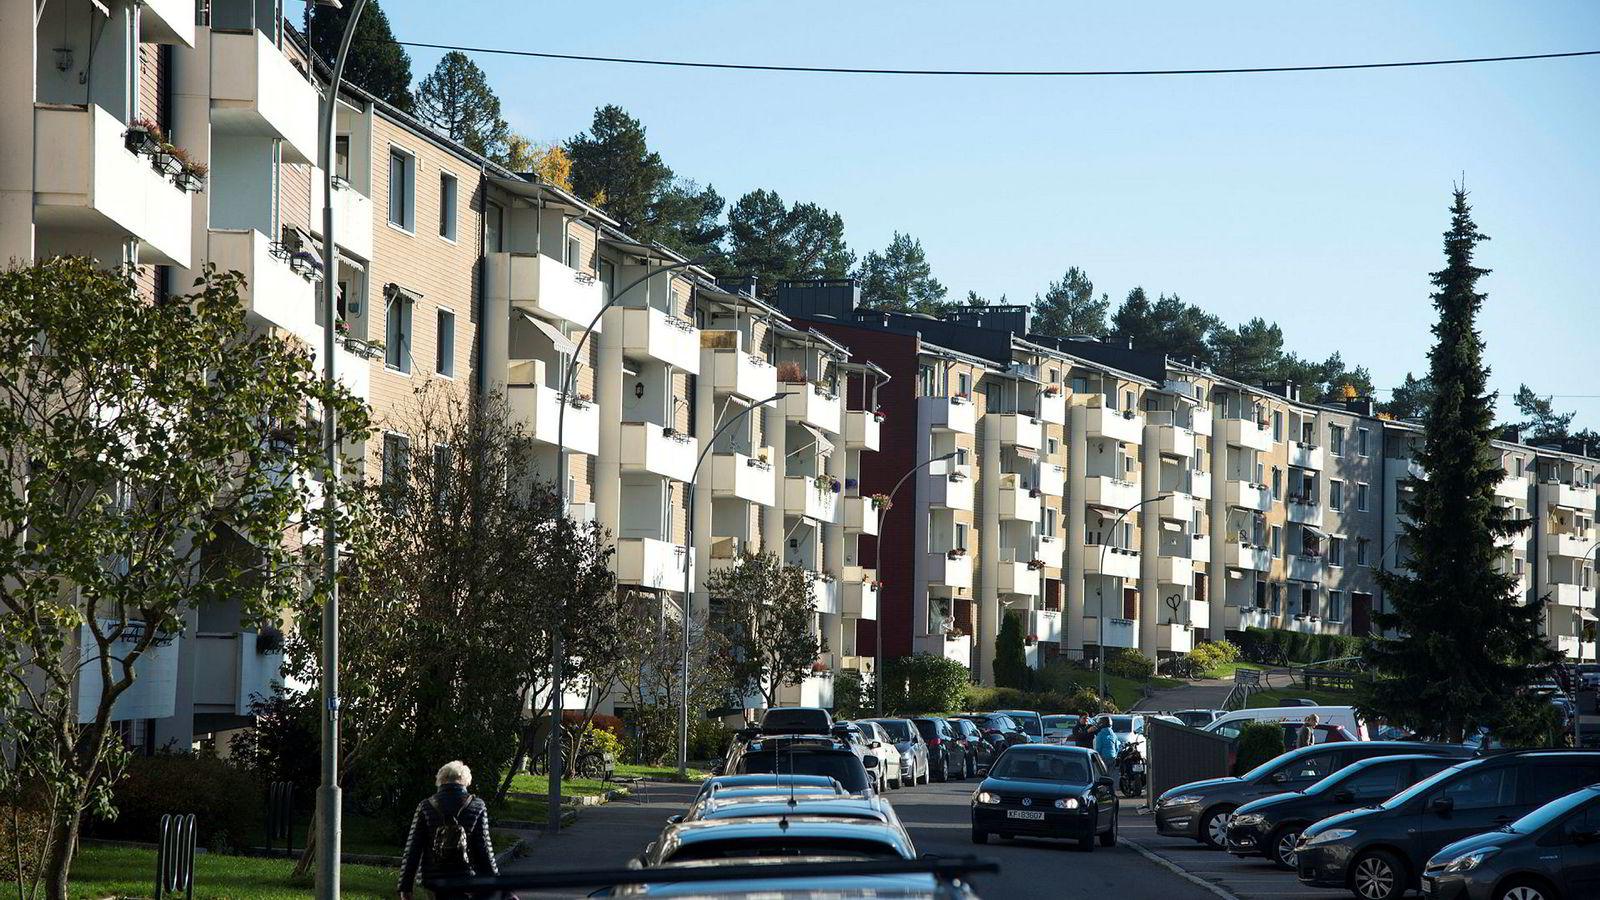 Nordmenns verdier er i bolig. Risikoen er høyere enn mange tror.